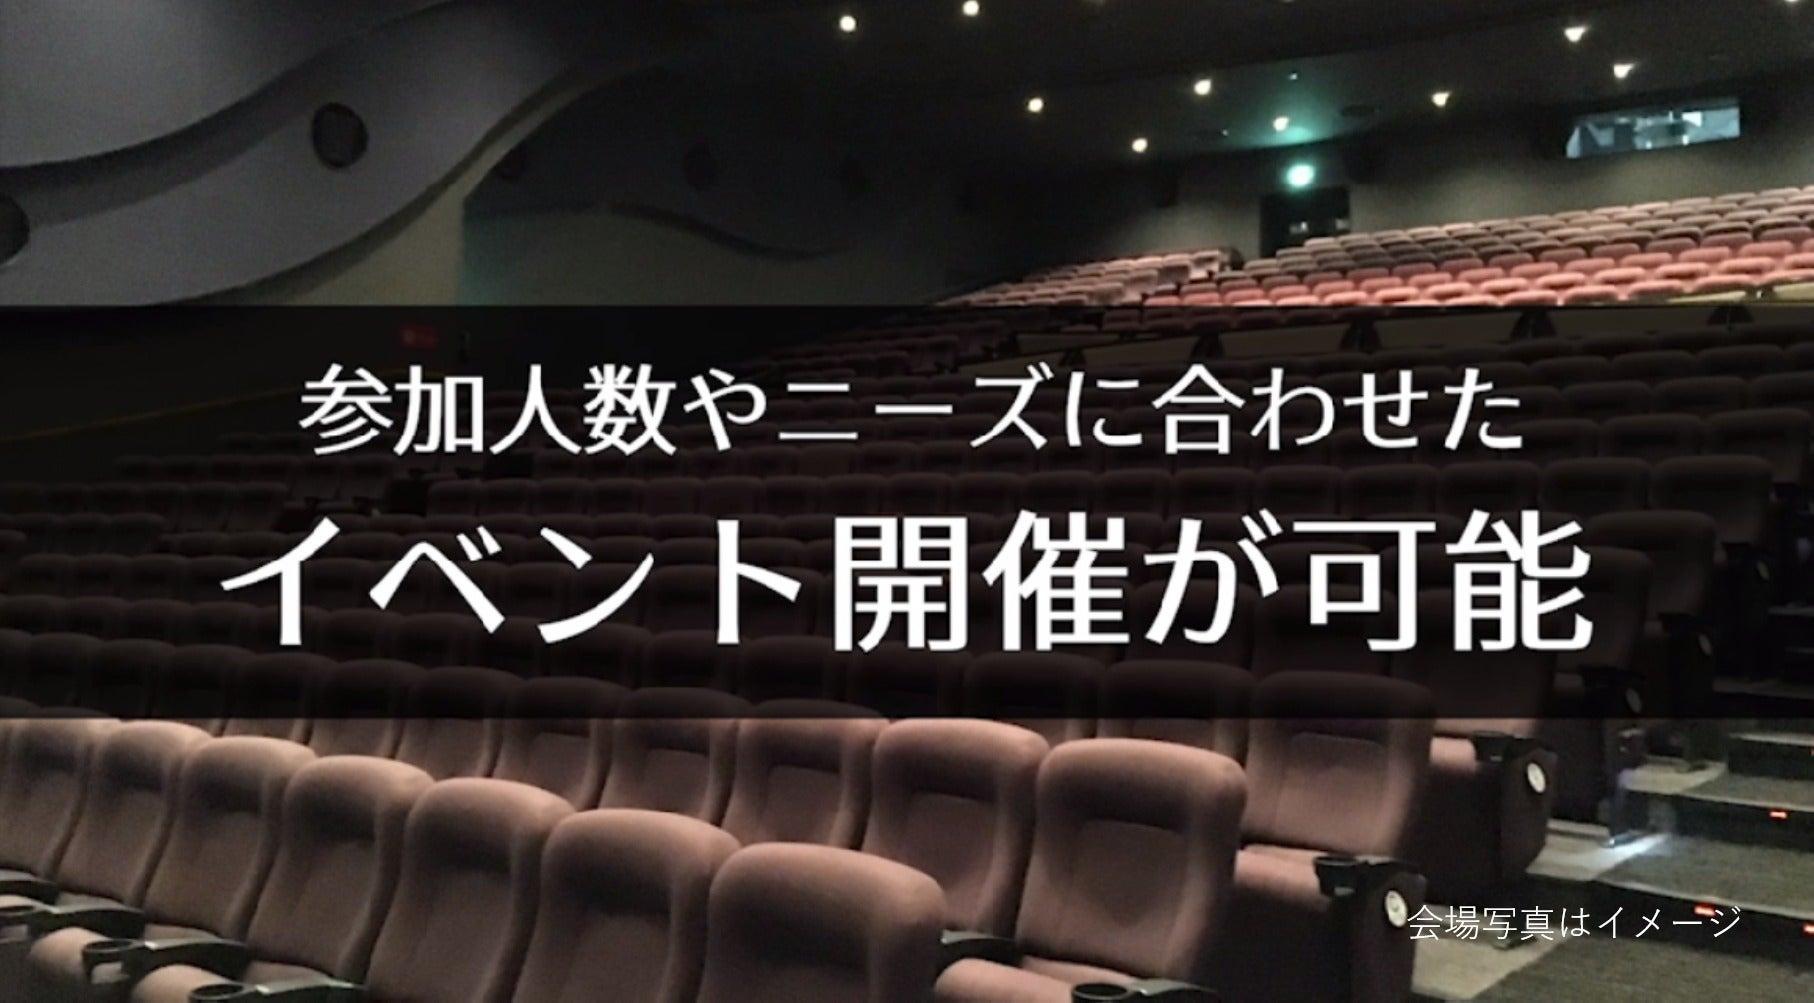 【つくば 180席】映画館で、会社説明会、株主総会、講演会の企画はいかがですか?